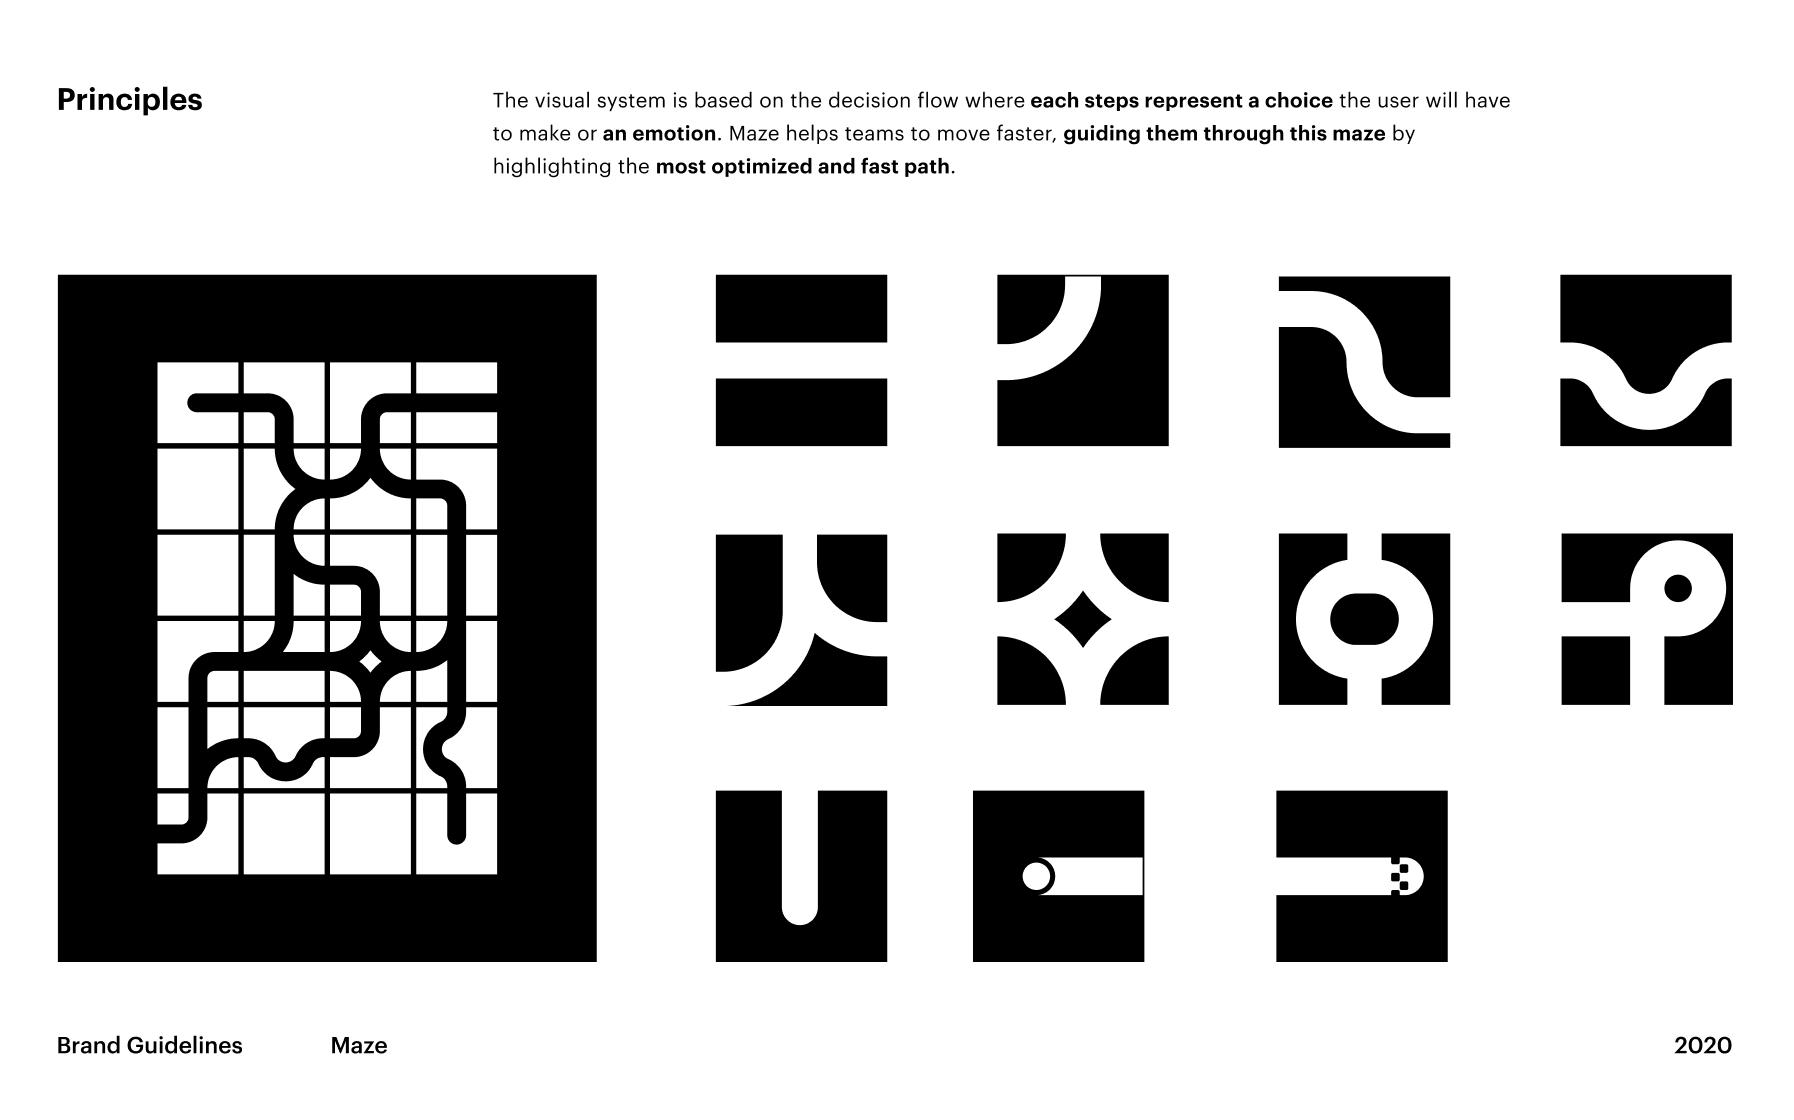 Maze's new visual identity concept